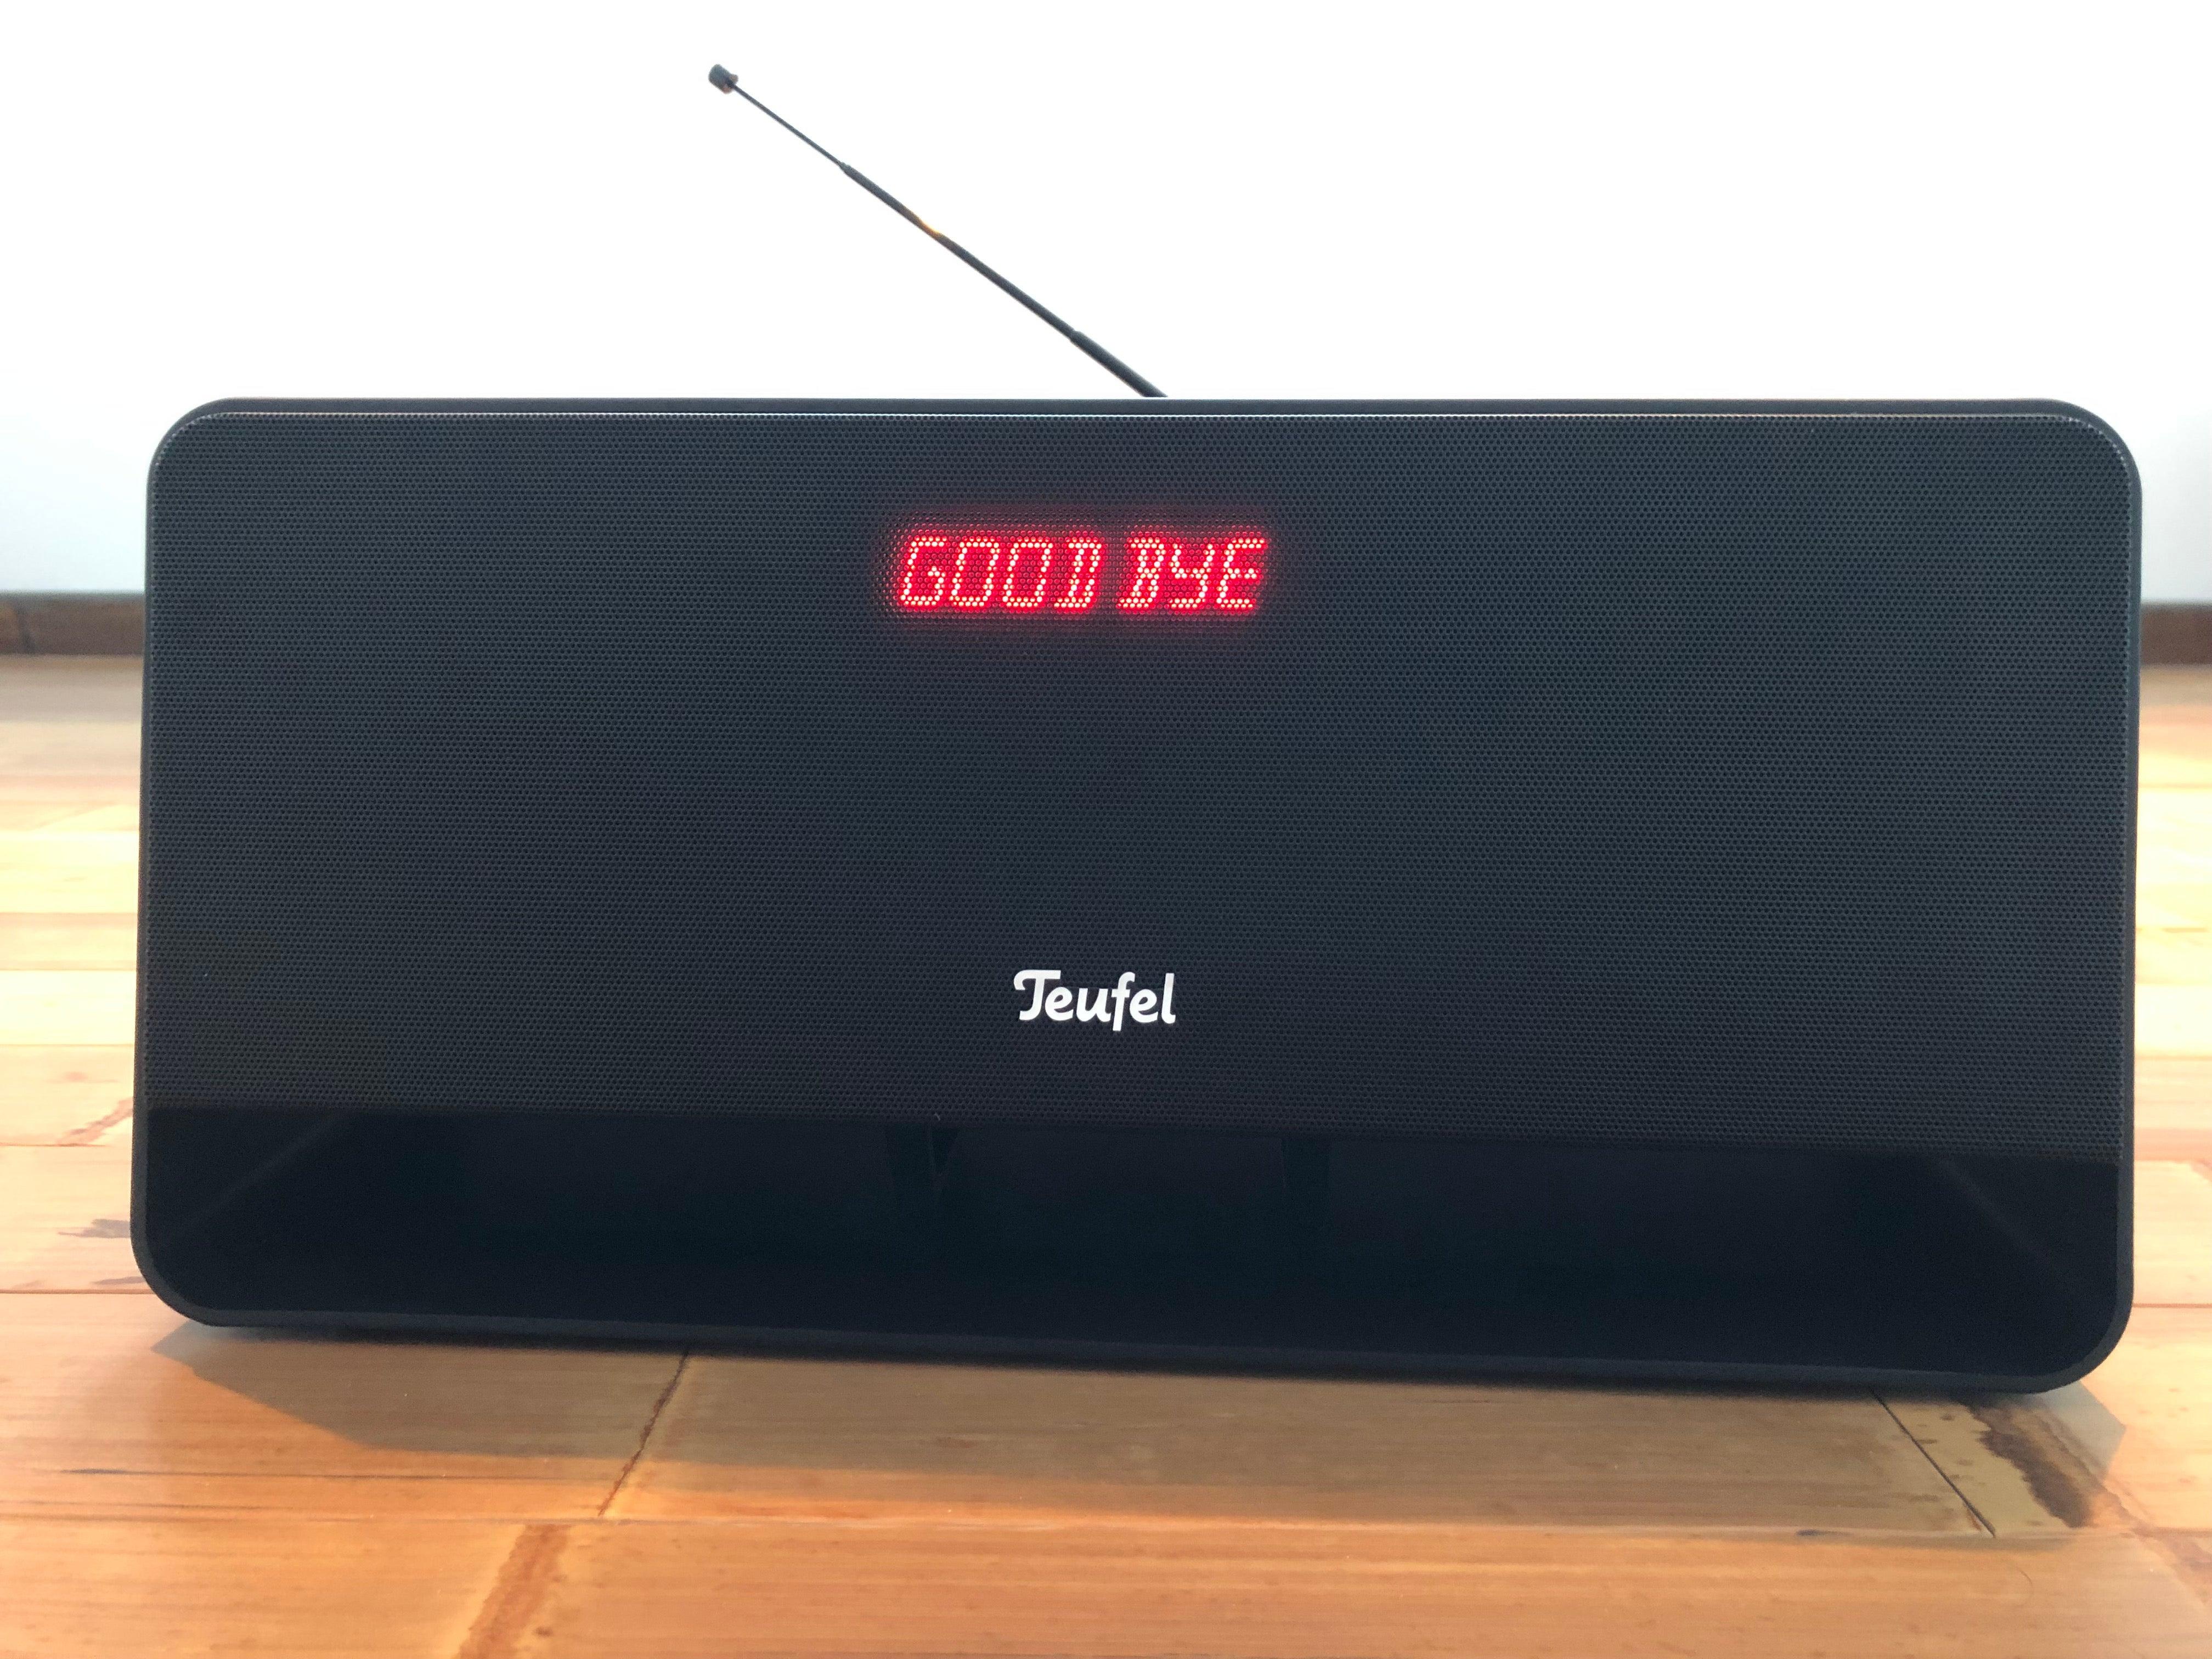 """Beim Ausschalten verabschiedet sich der Teufel Boomster mit einem netten """"Good Bye""""."""